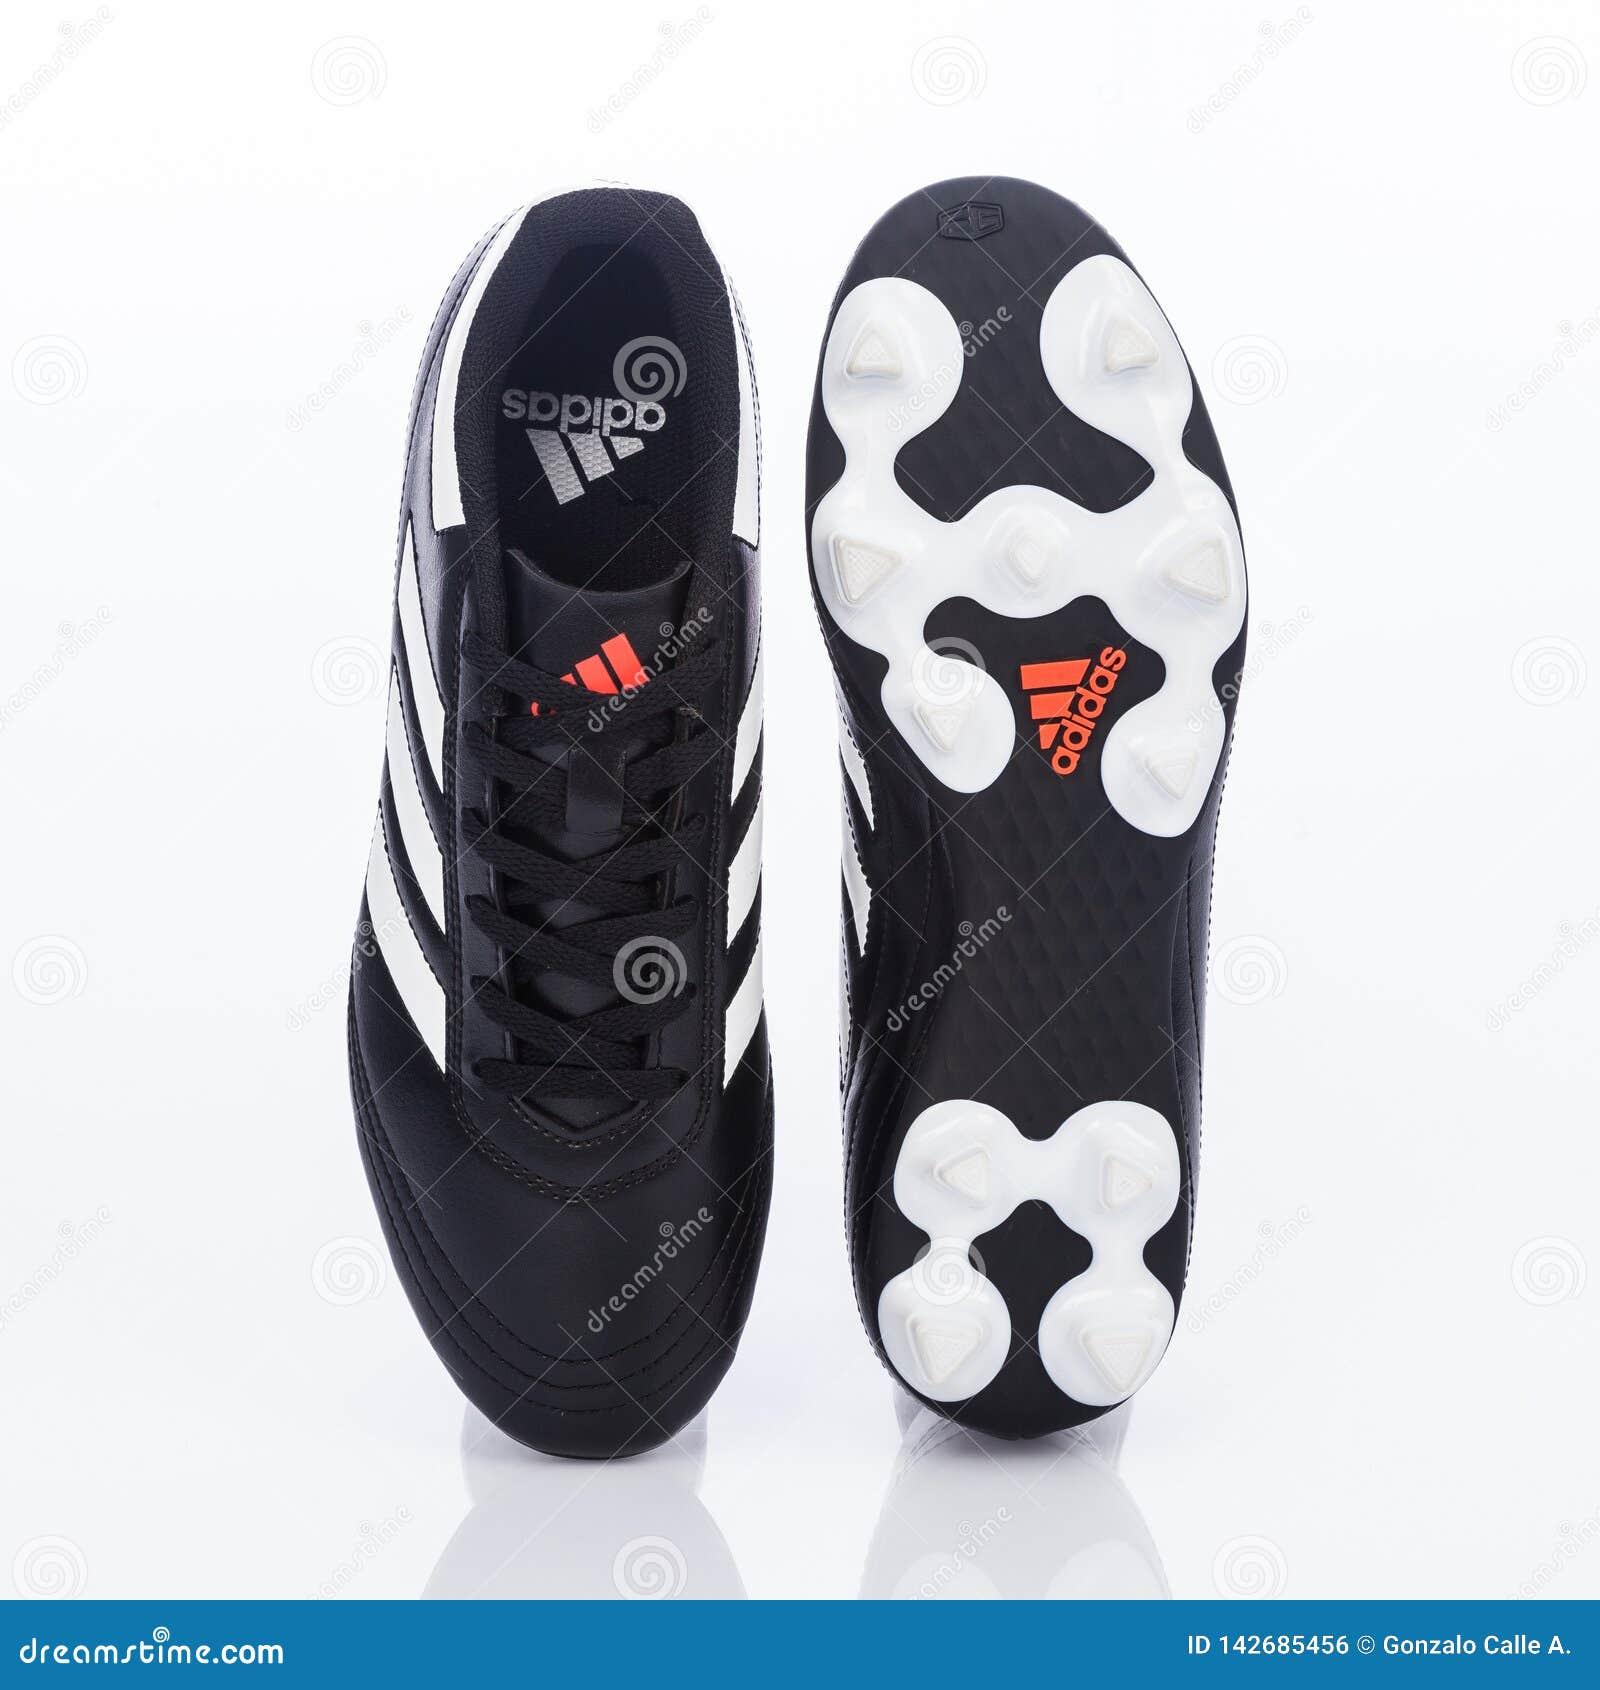 minusválido taburete Árbol genealógico  Medellin, Colombia- Marzo 21, 2019: ADIDAS Football/soccer Shoes Editorial  Photo - Image of league, adidas: 142685456